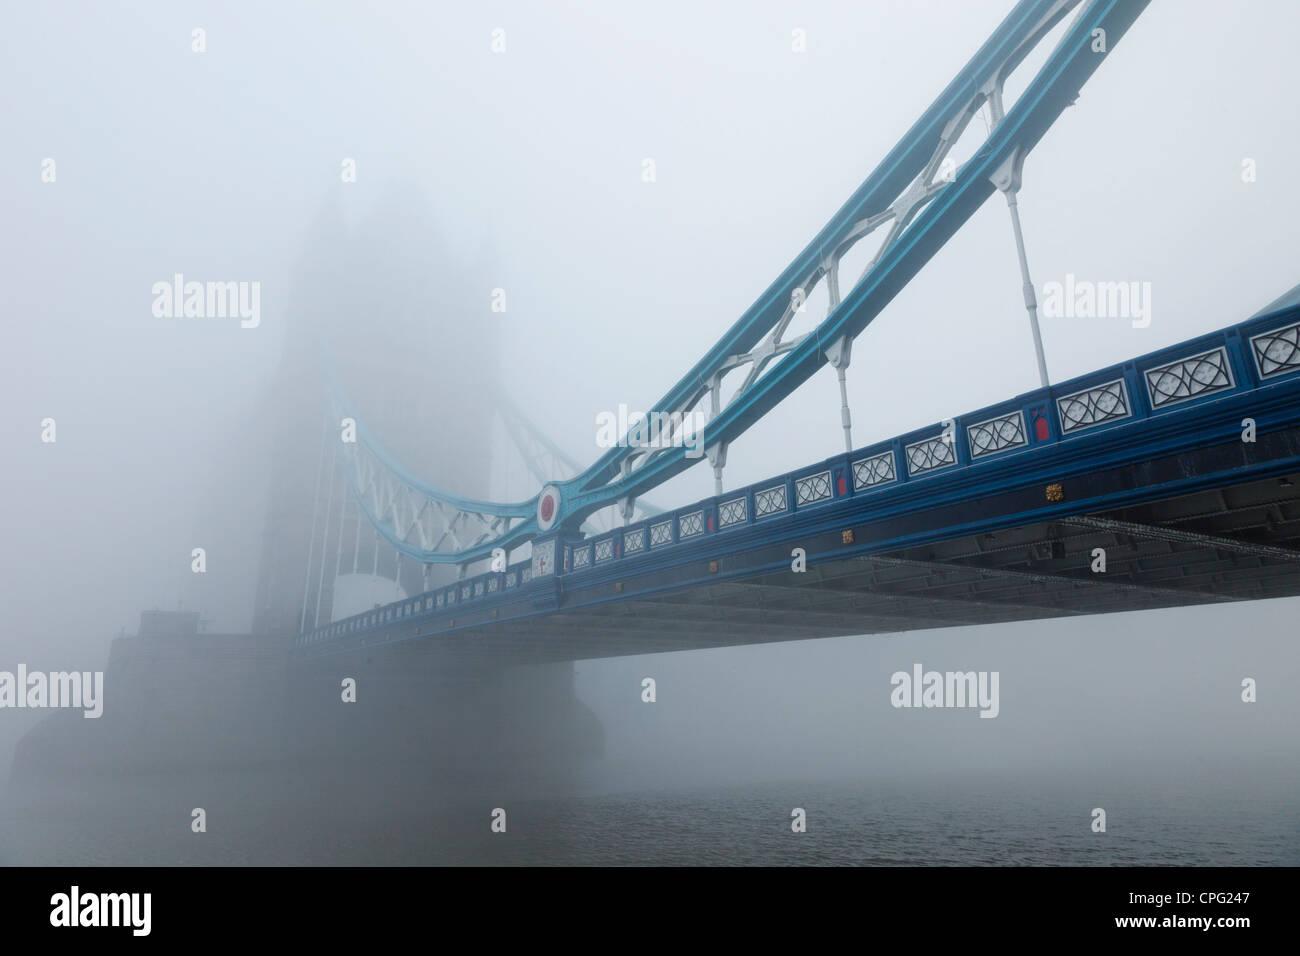 Inghilterra, Londra, Southwark, Tower Bridge e il fiume Tamigi nella nebbia Immagini Stock